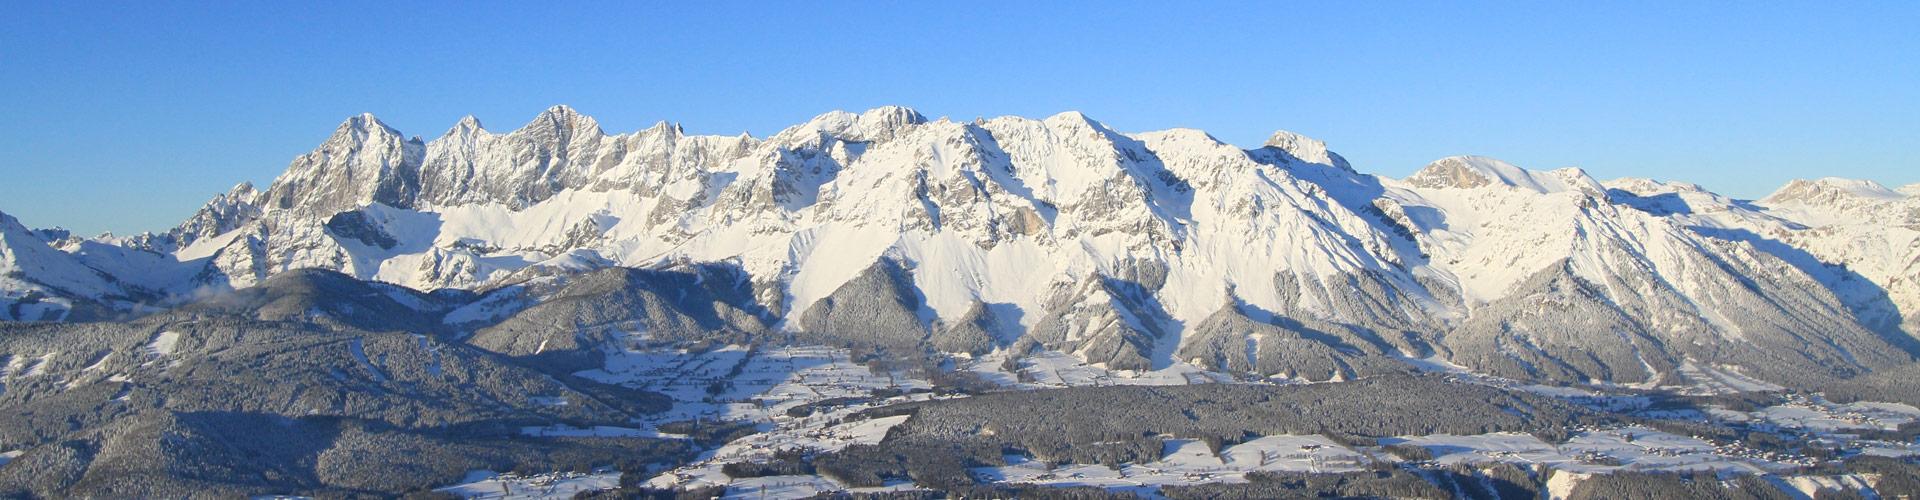 Ramsau am Dachstein im Winterkleid